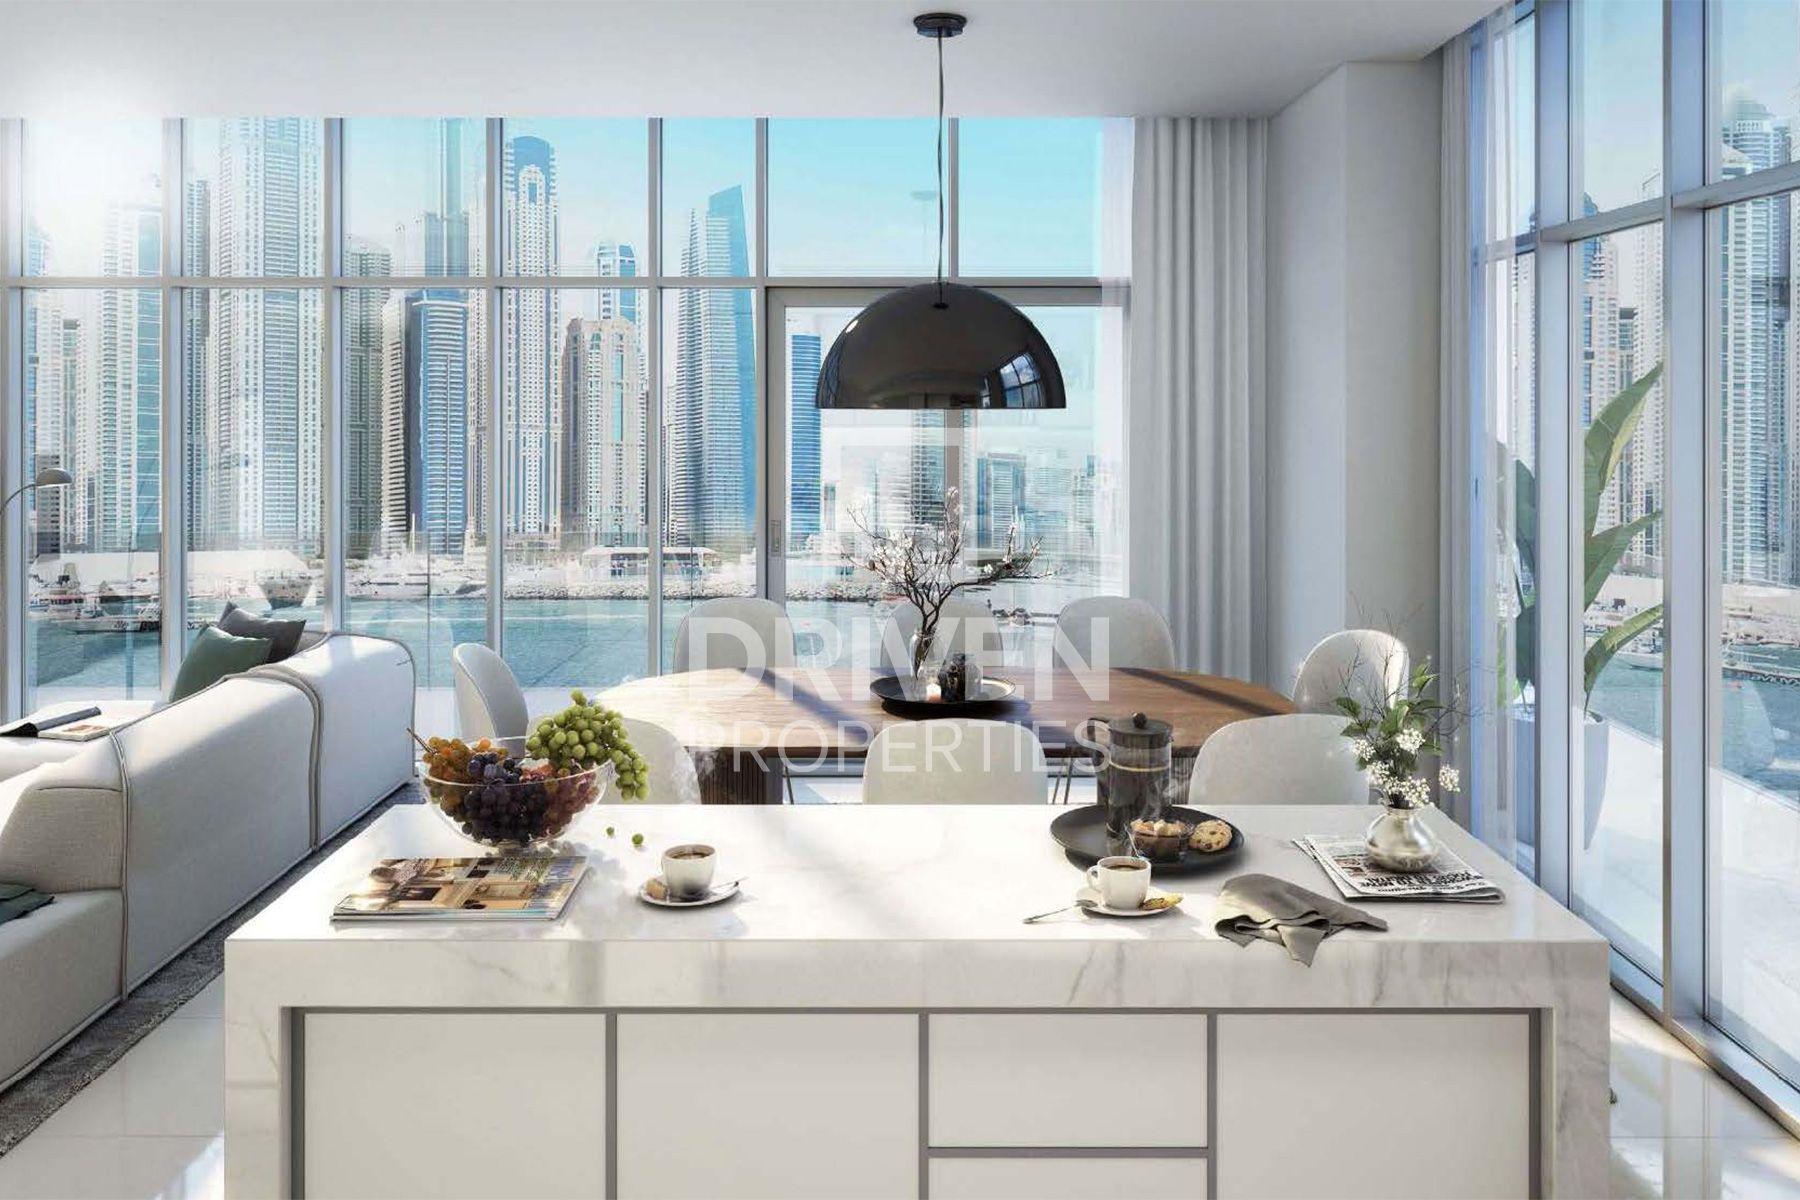 2,093 قدم مربع  شقة - للبيع - دبي هاربور